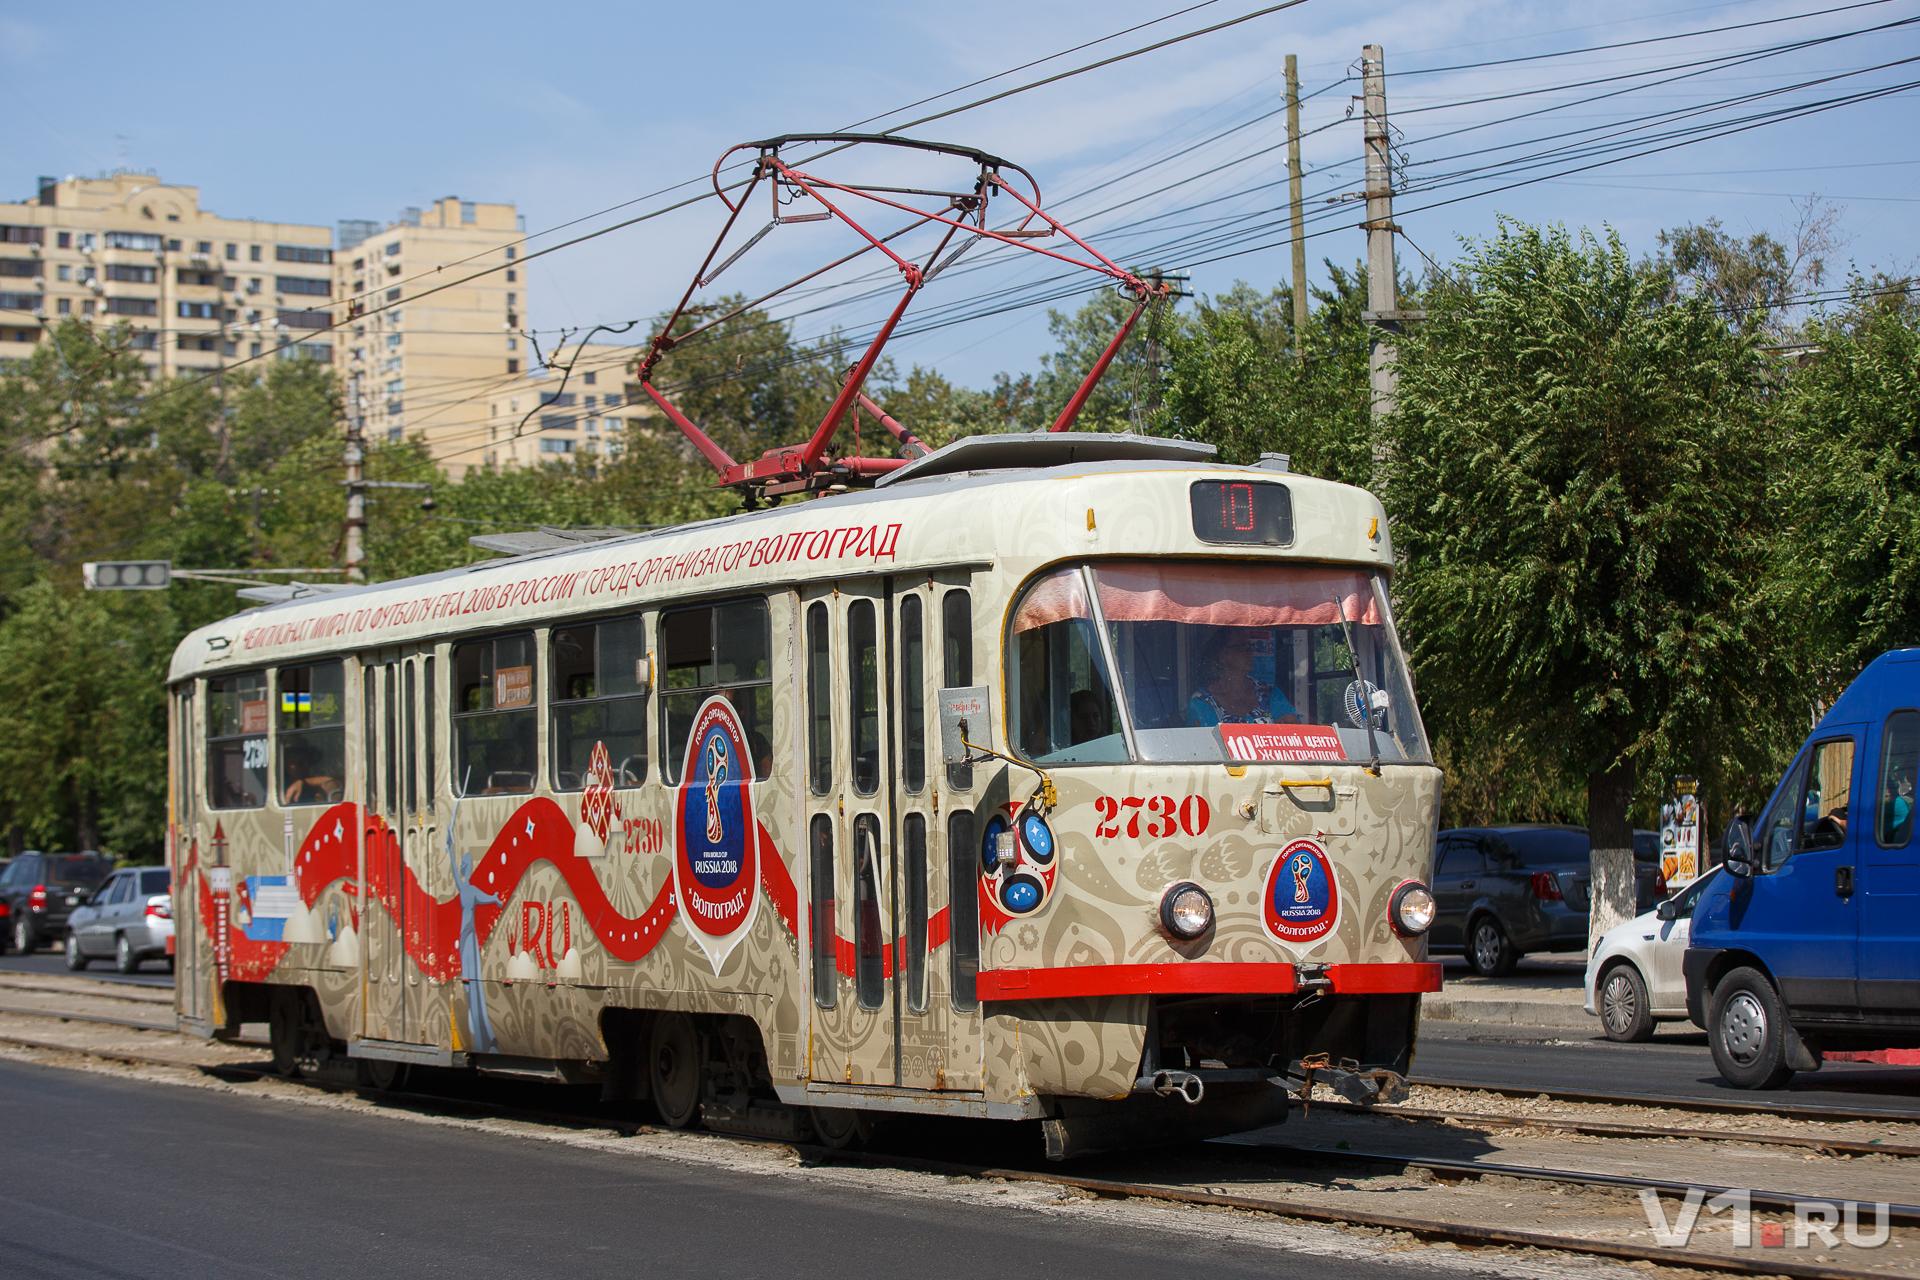 О грядущих событиях тоже расскажет трамвай